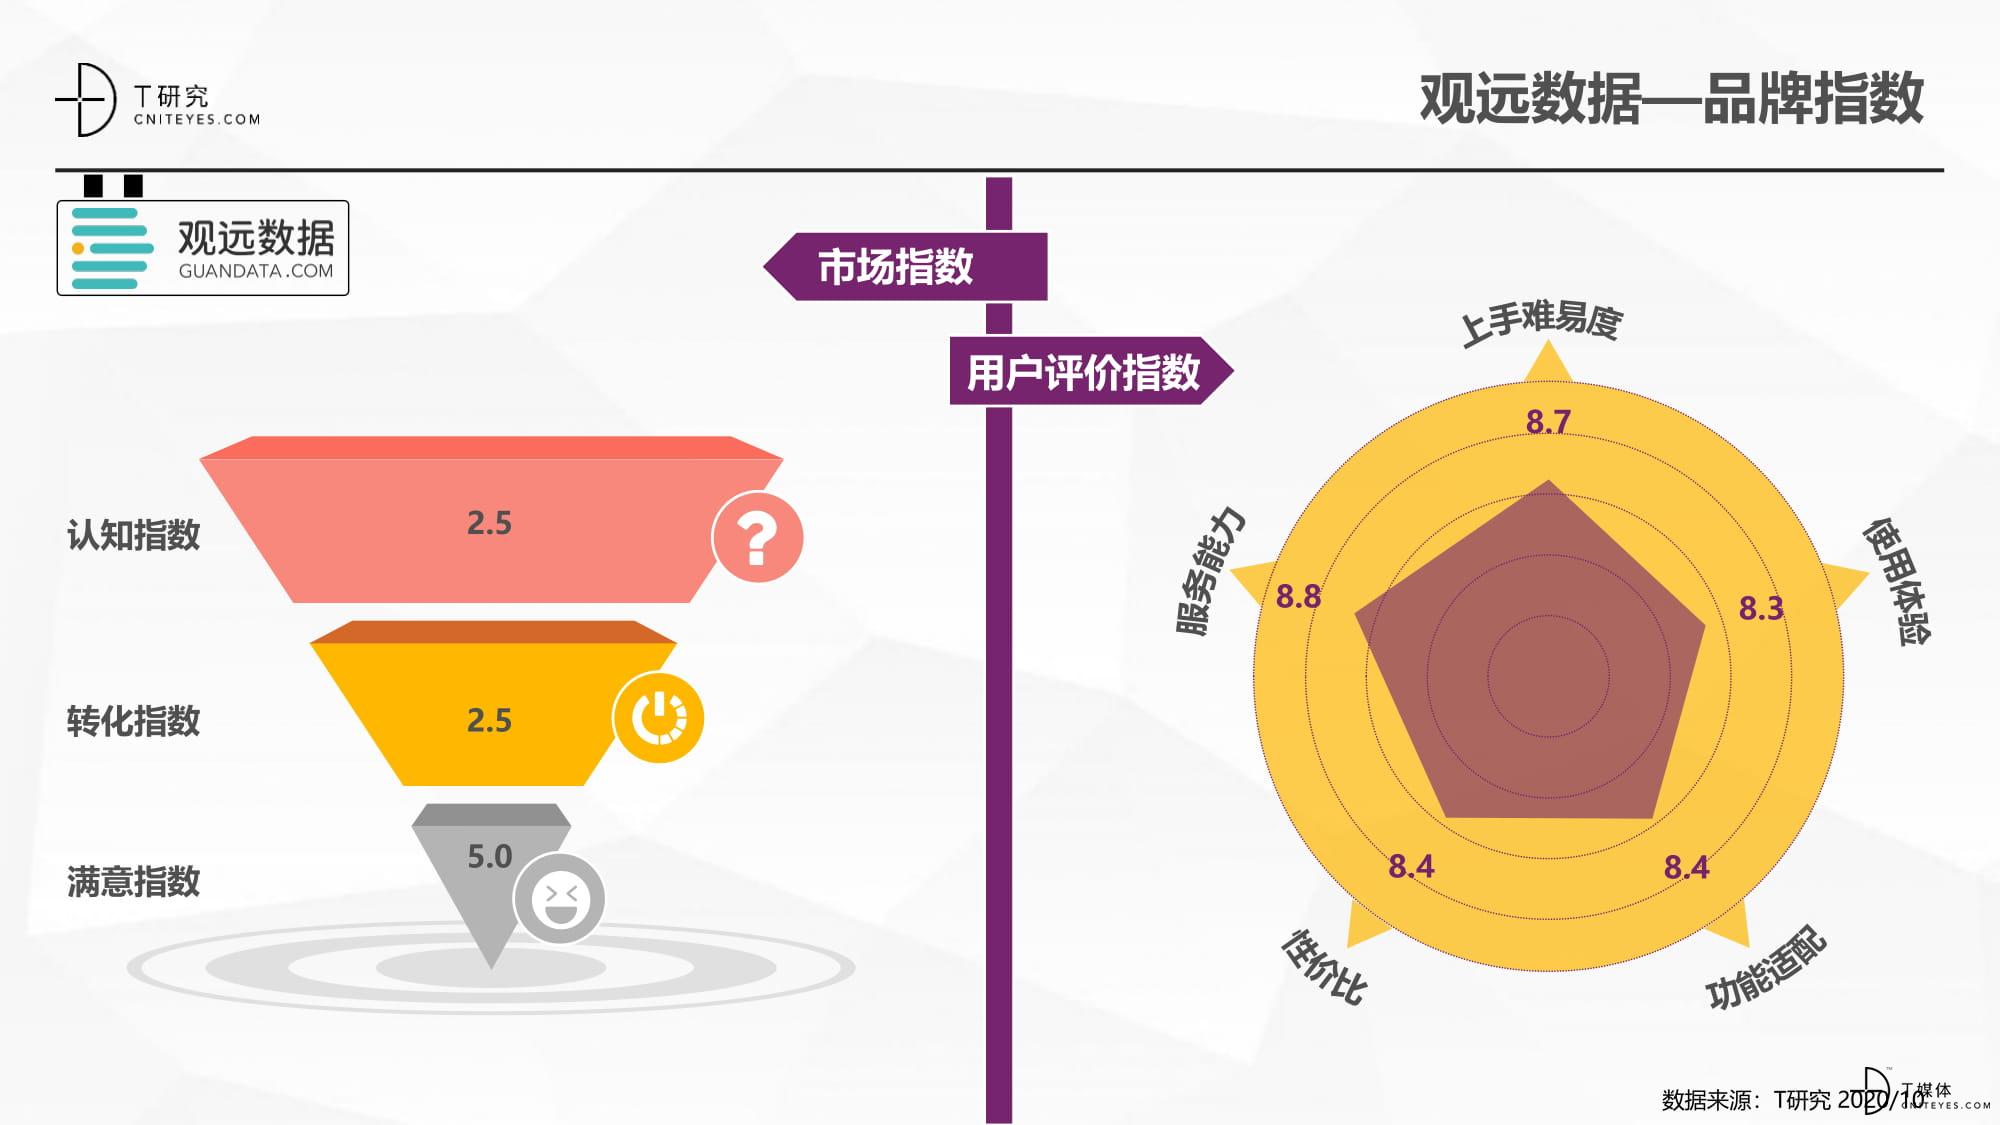 2020中国BI指数测评报告-25.jpg